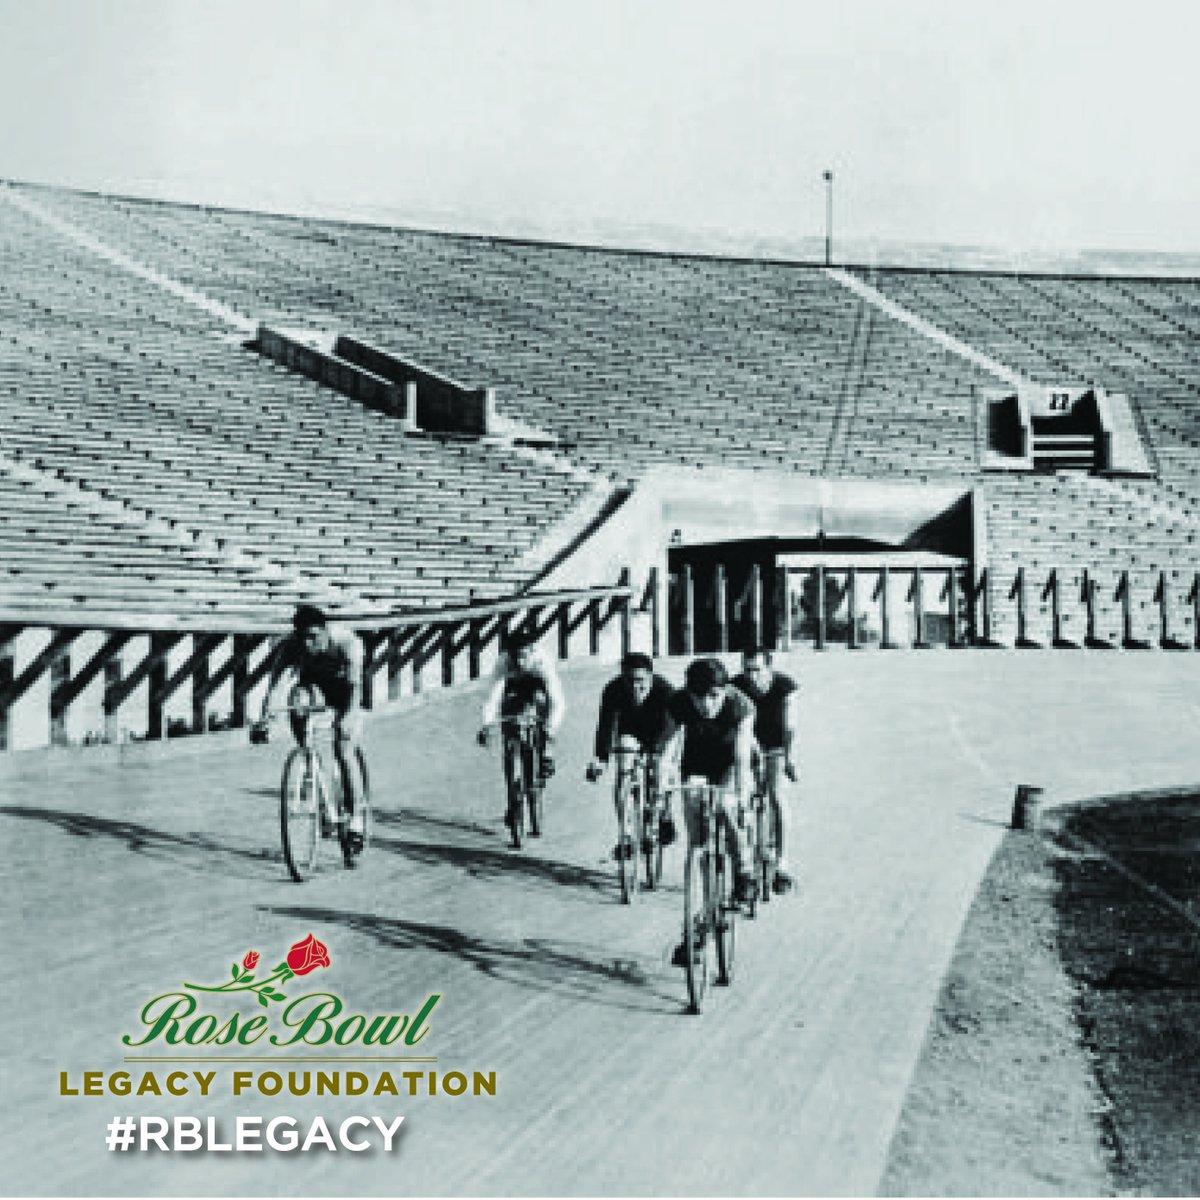 Αποτέλεσμα εικόνας για Rose Bowl (stadium) 1932